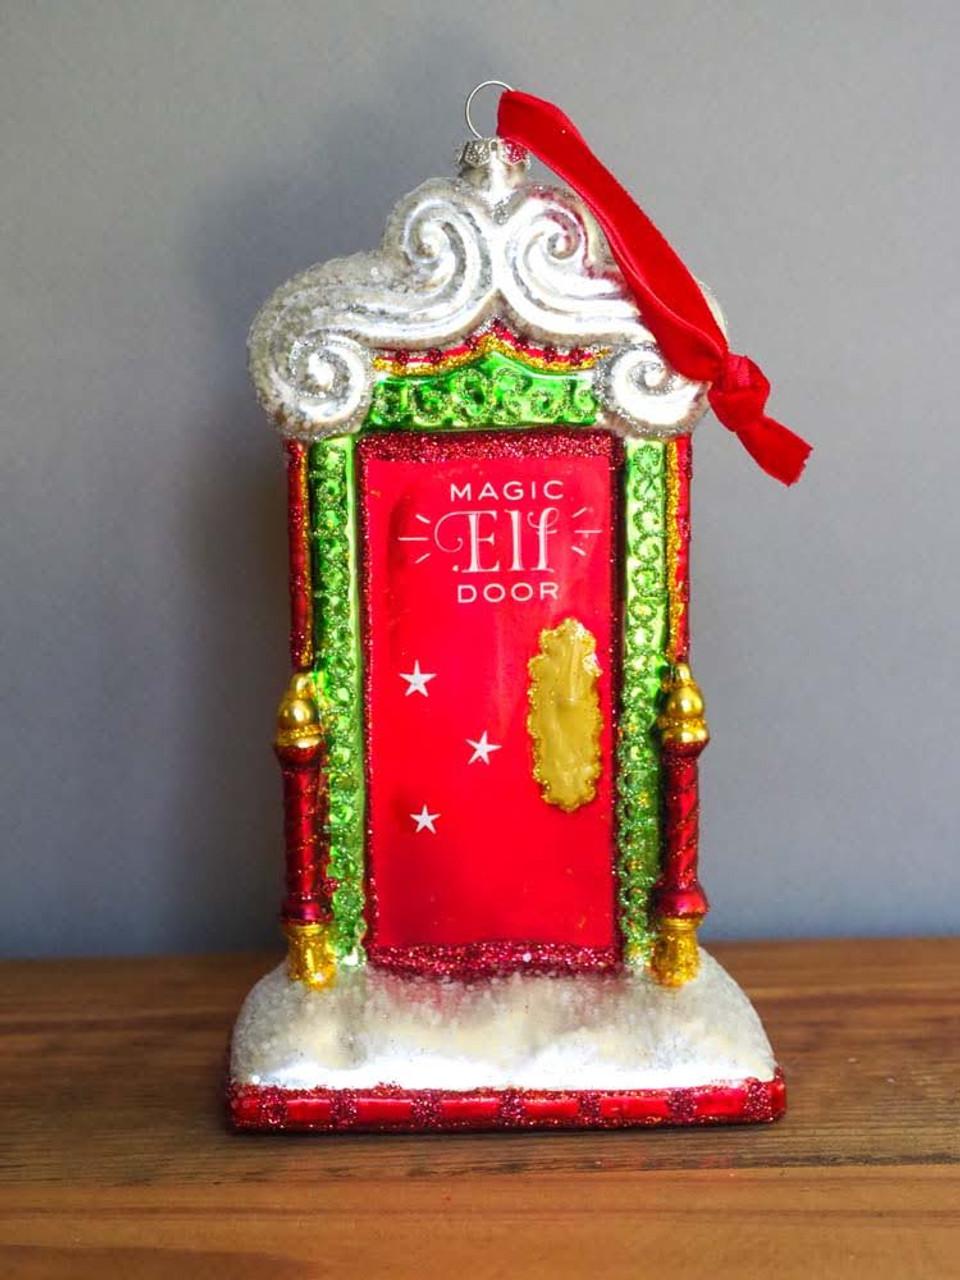 Magic Elf Door Glass Ornament